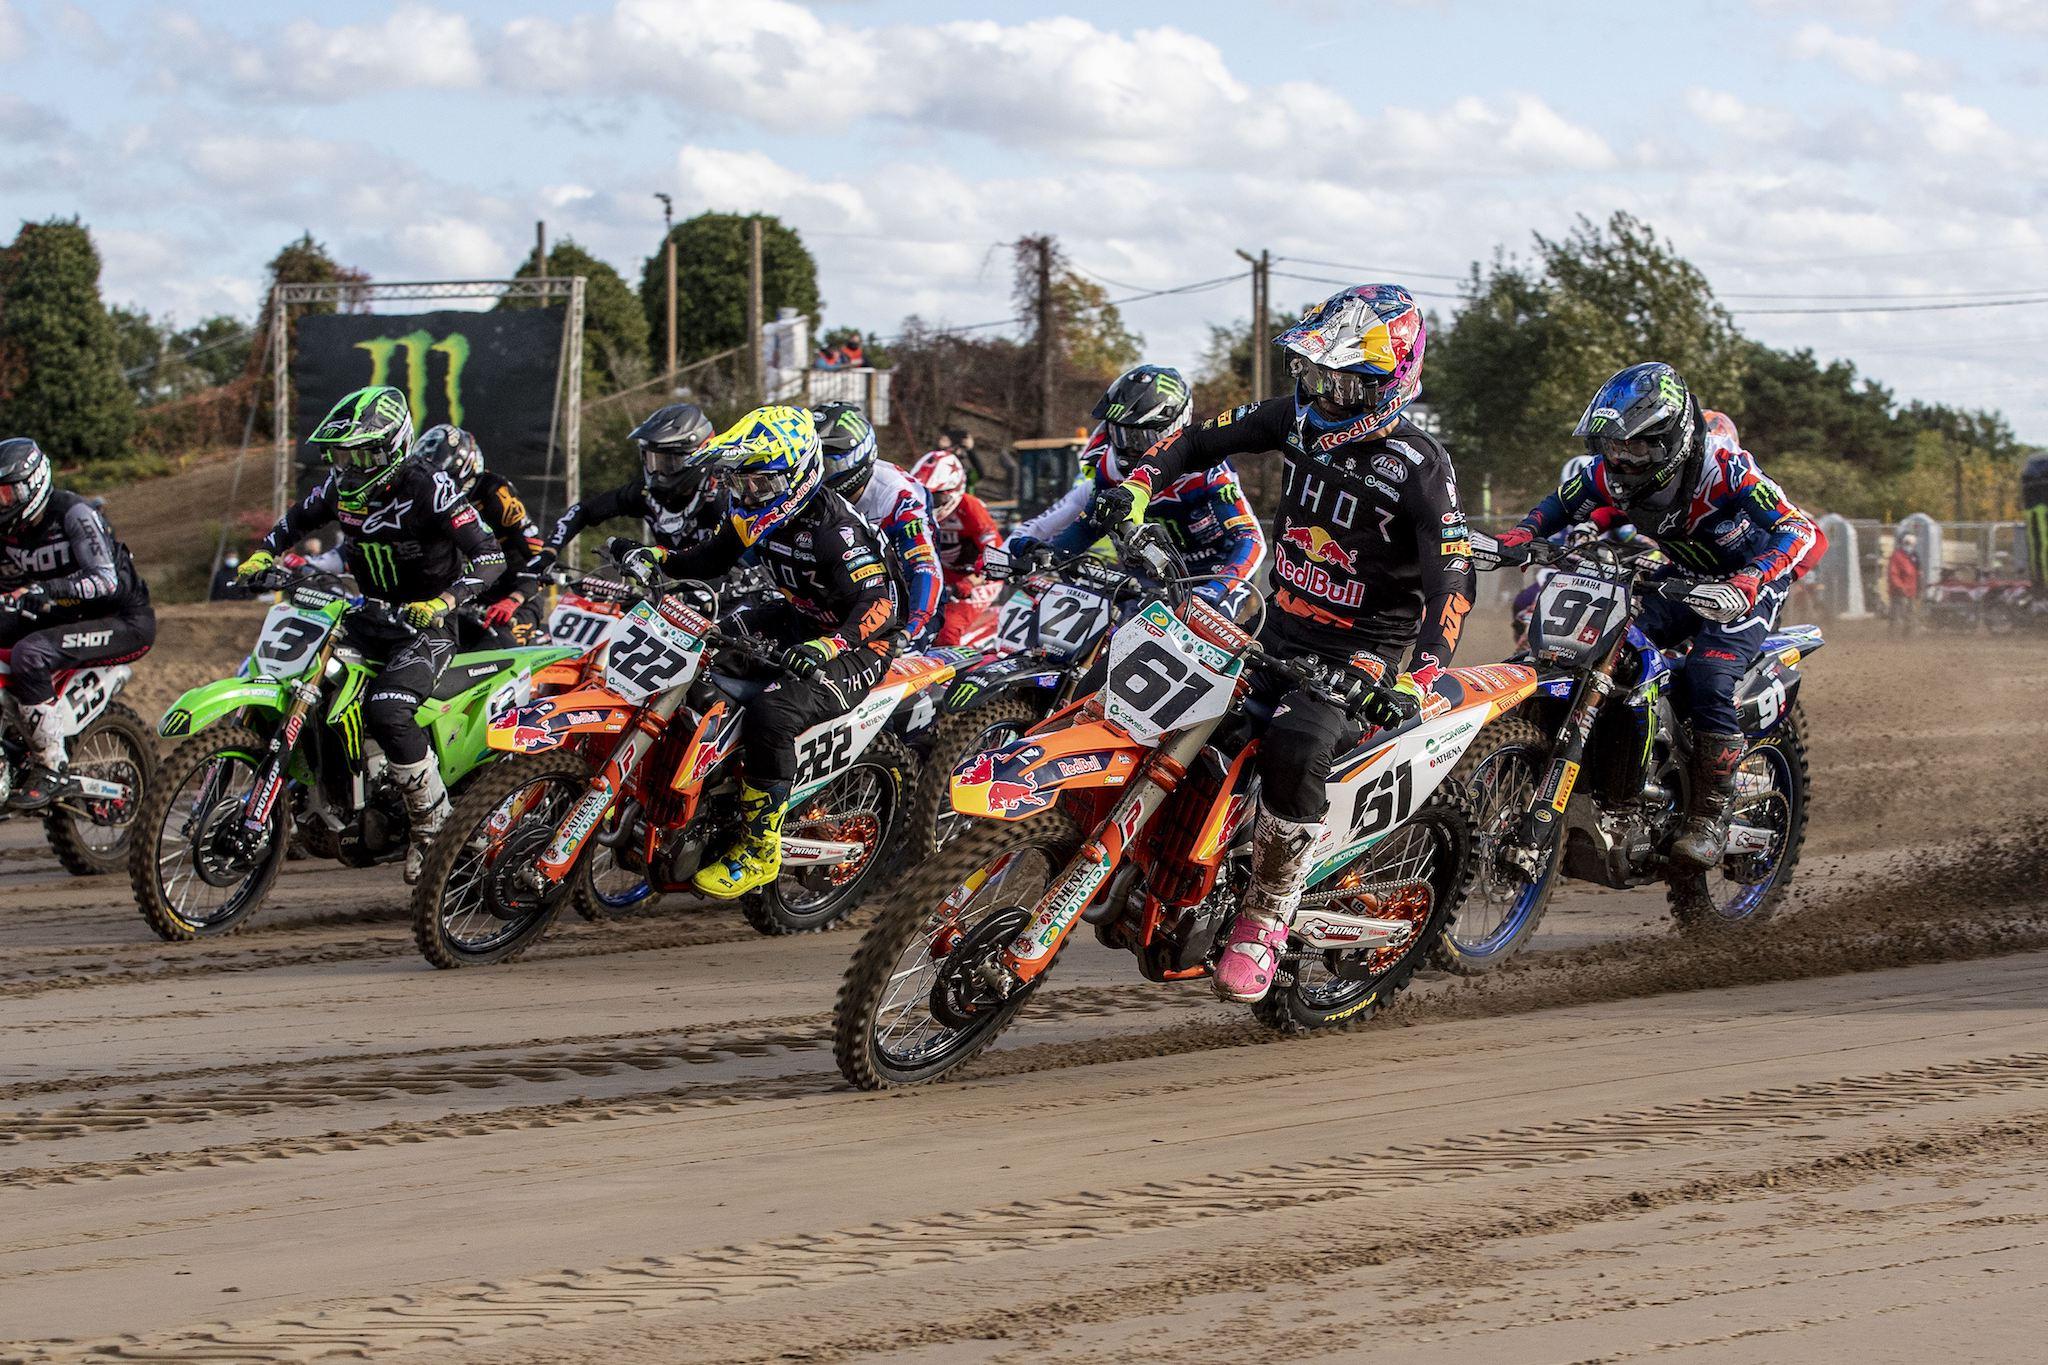 mondial motocross